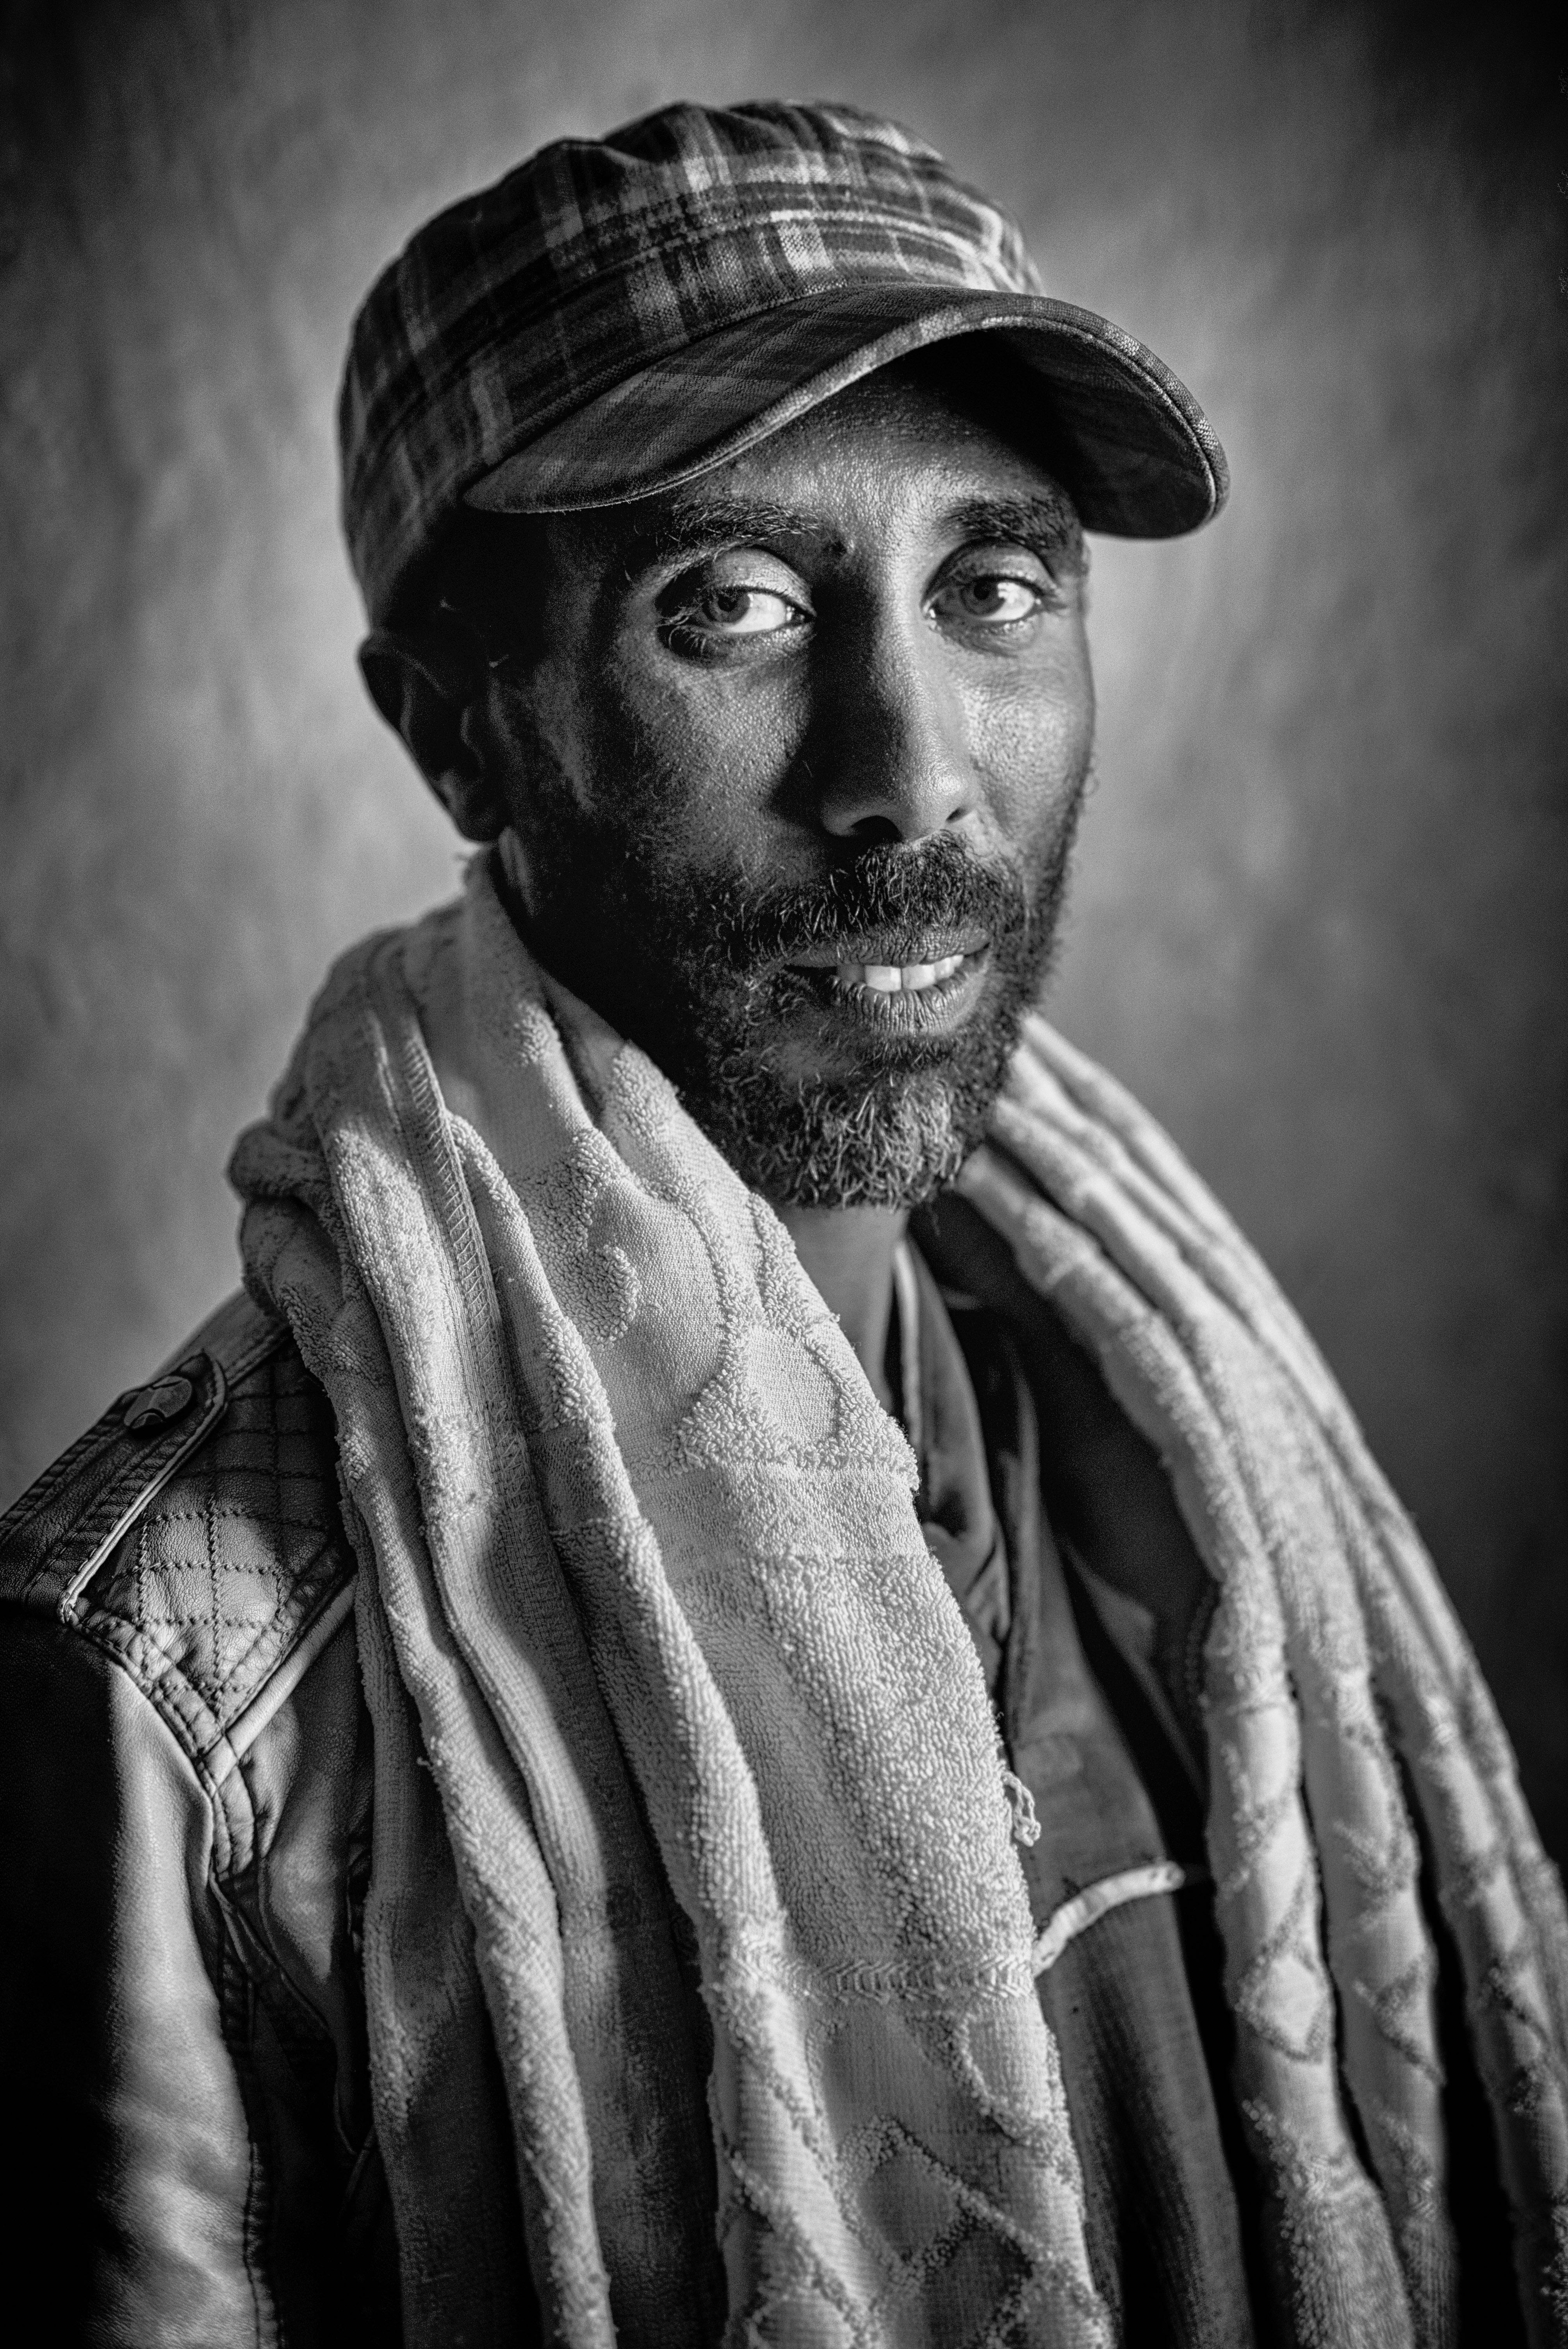 Ankobar, Ethiopia